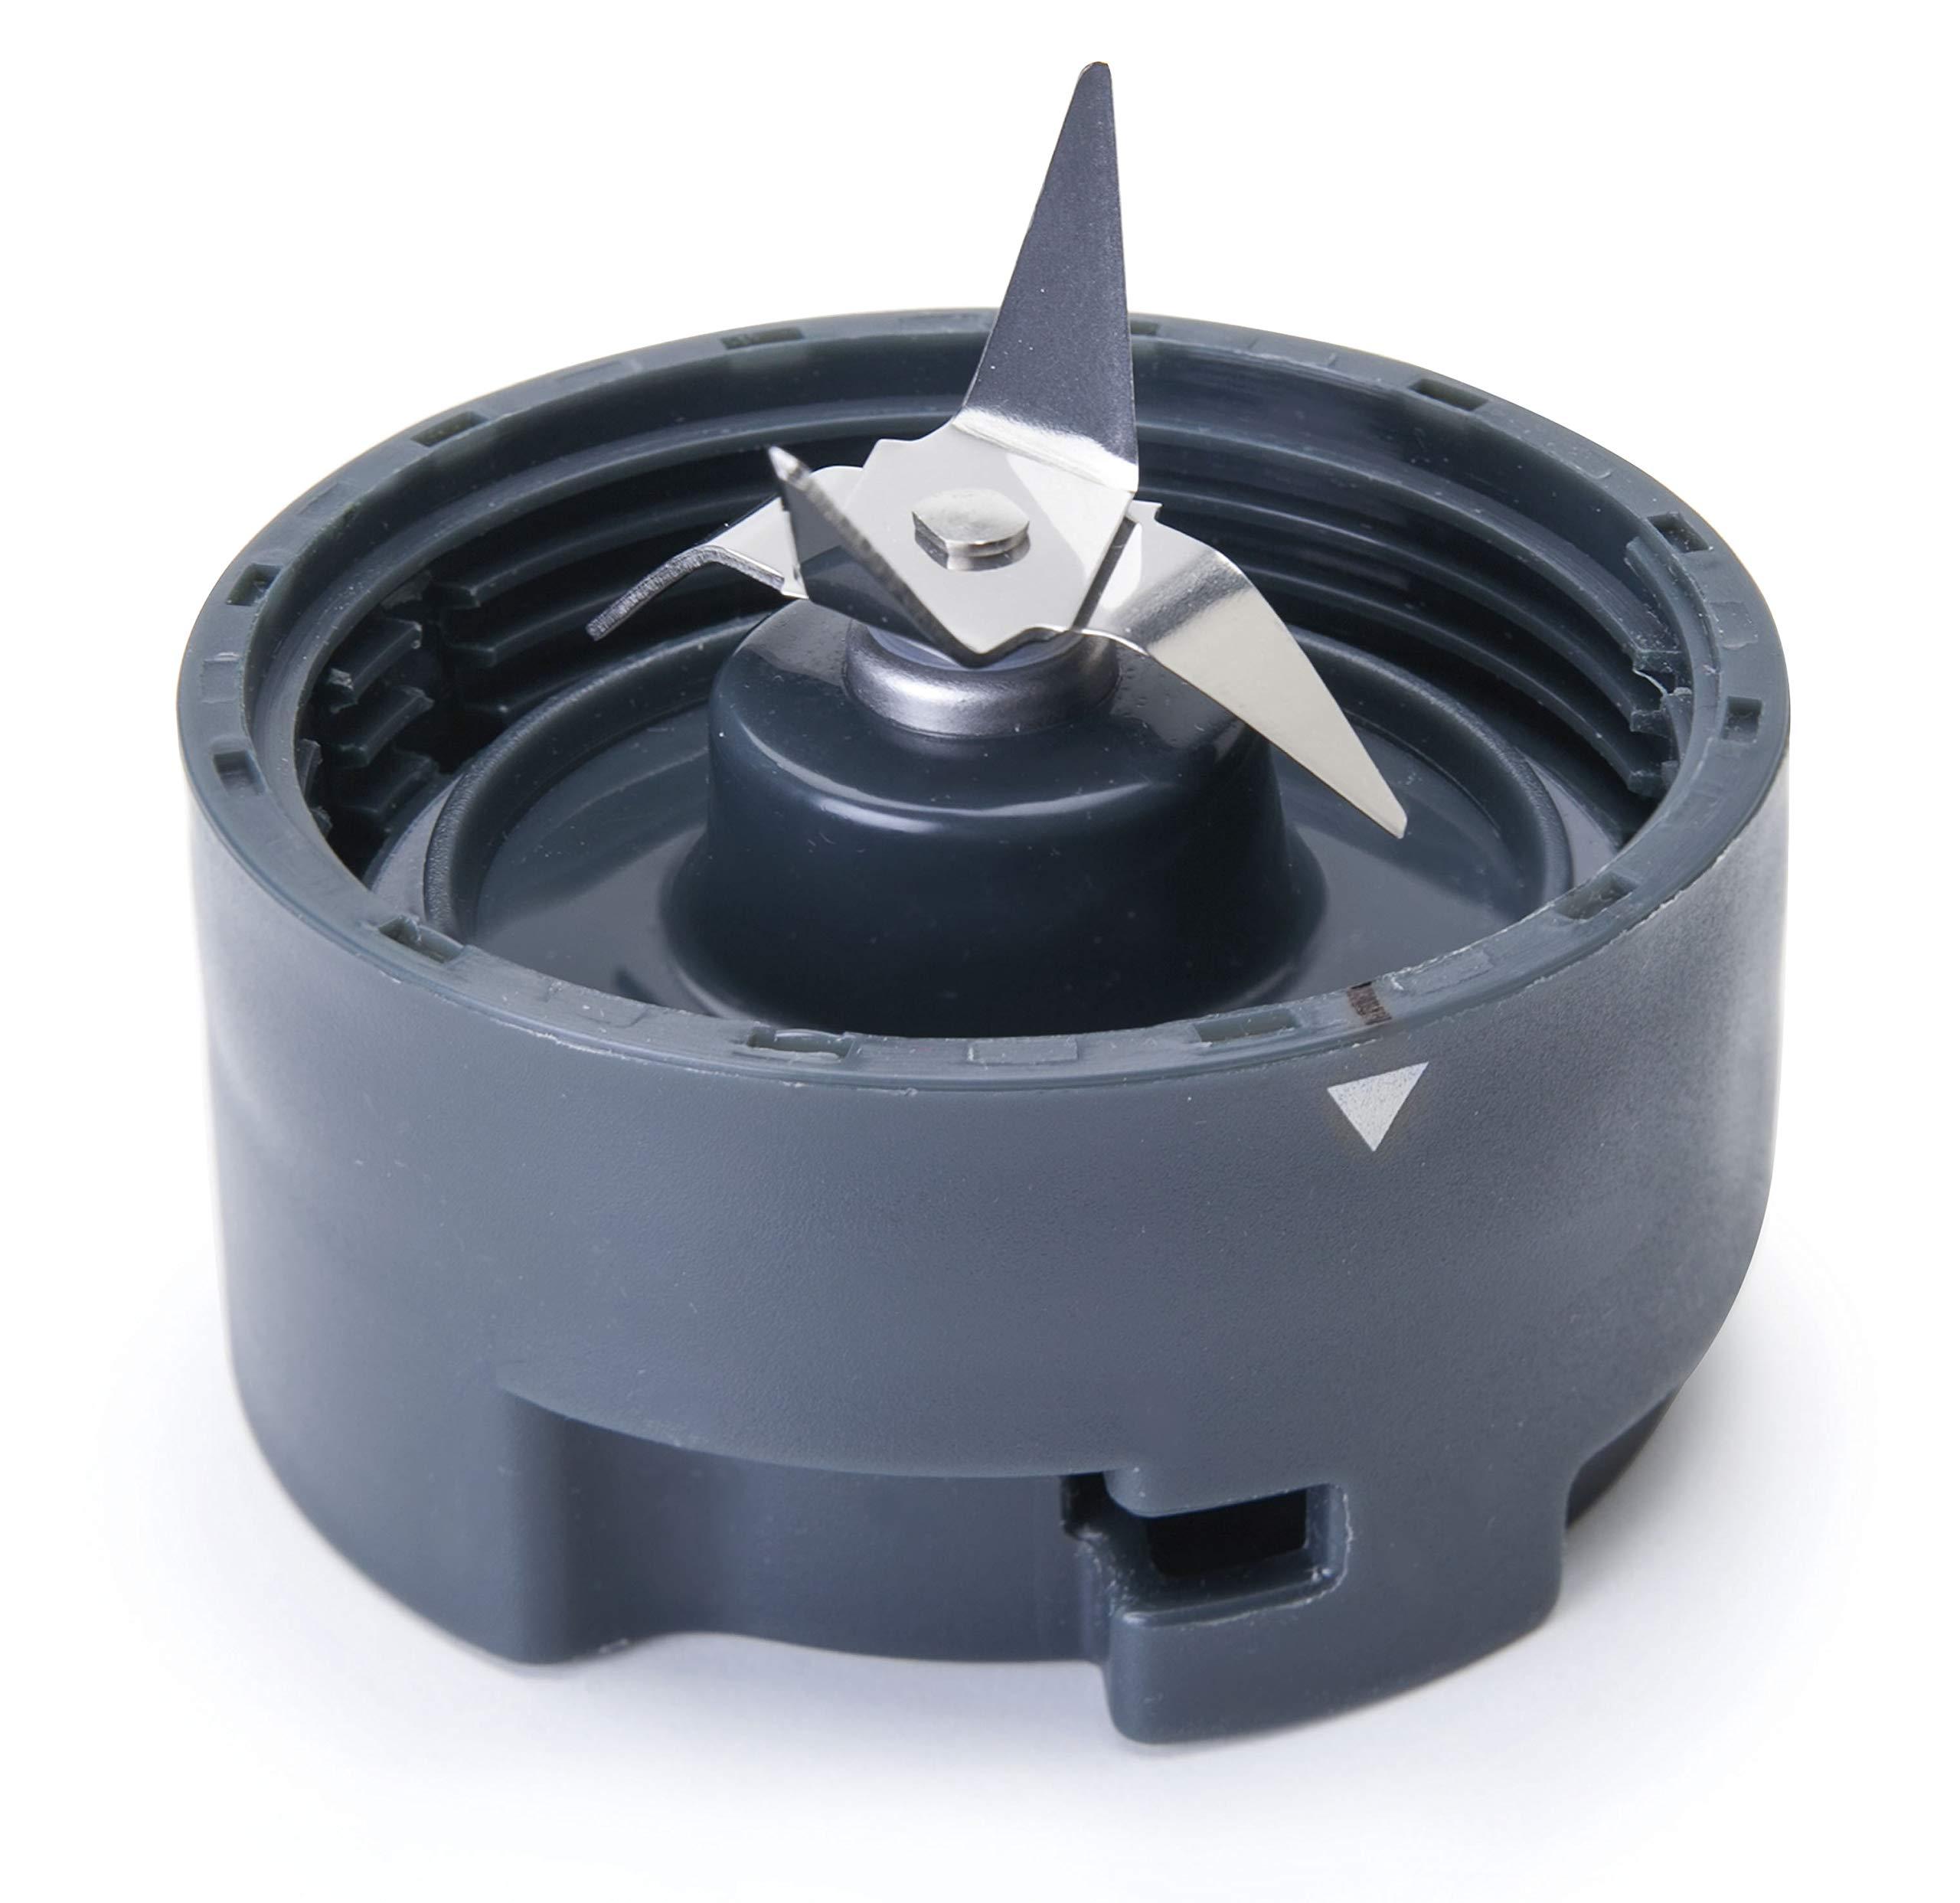 Lacor 69386 - Batidora personal MIX & GO con jarra de cristal de ...